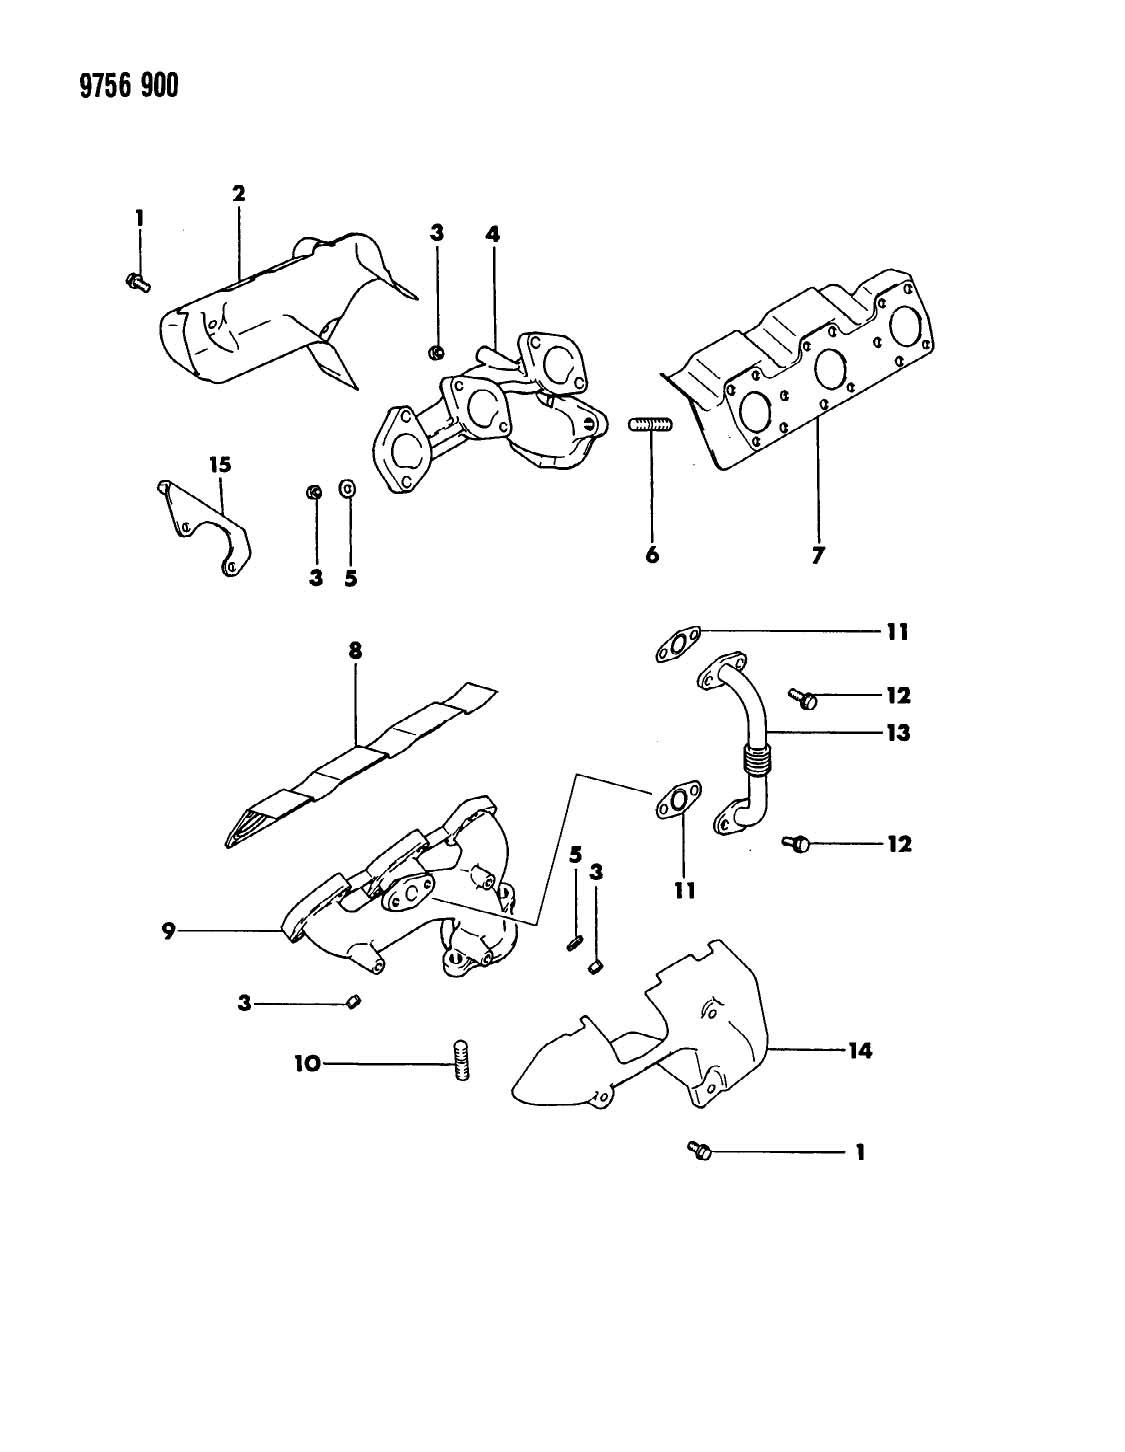 Chrysler Sebring Gasket Egr Tube Flange Manif Exh